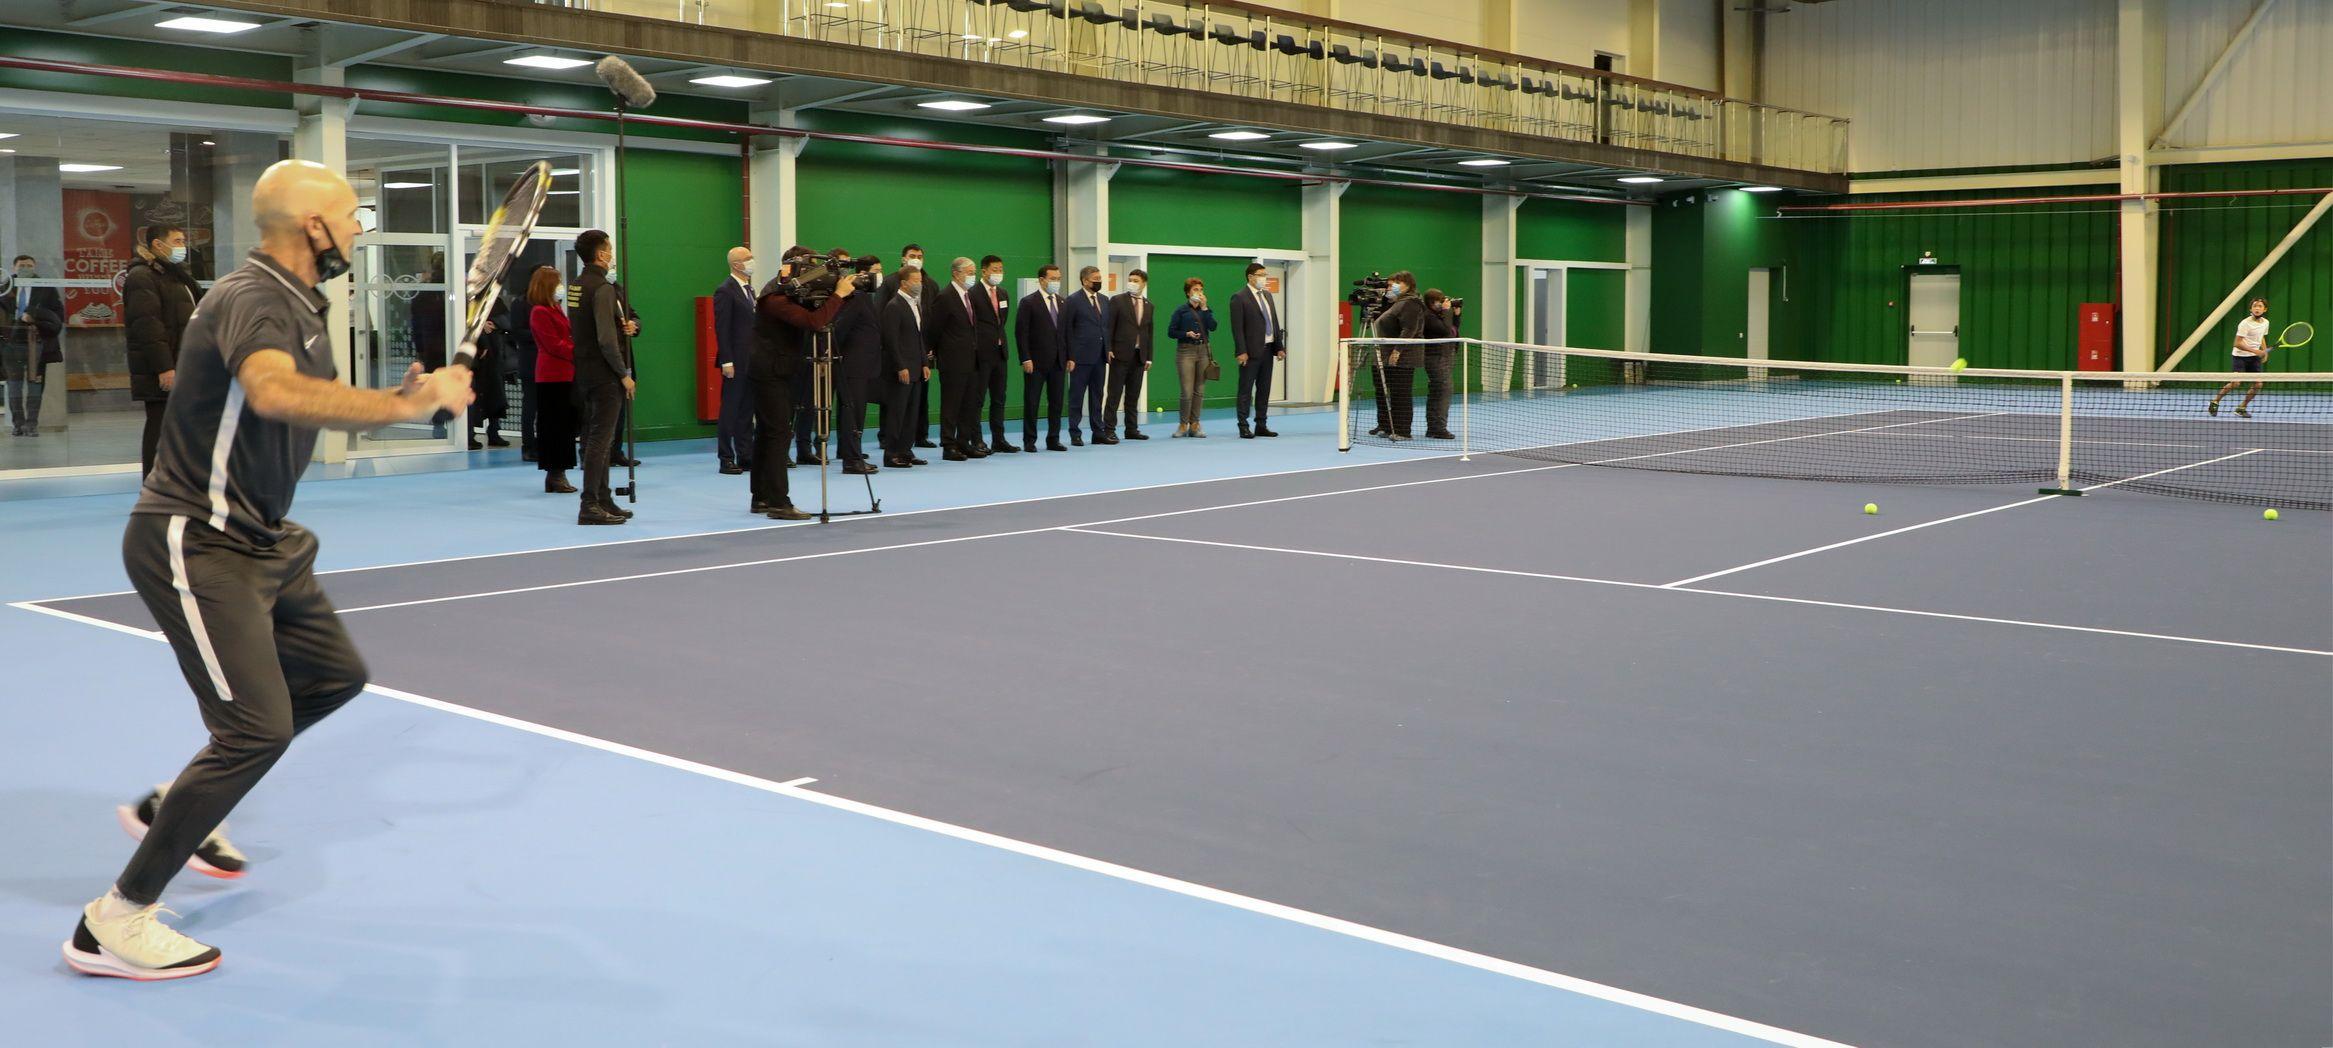 Президент посетил новые спортивные объекты Караганды  505315 - Kapital.kz